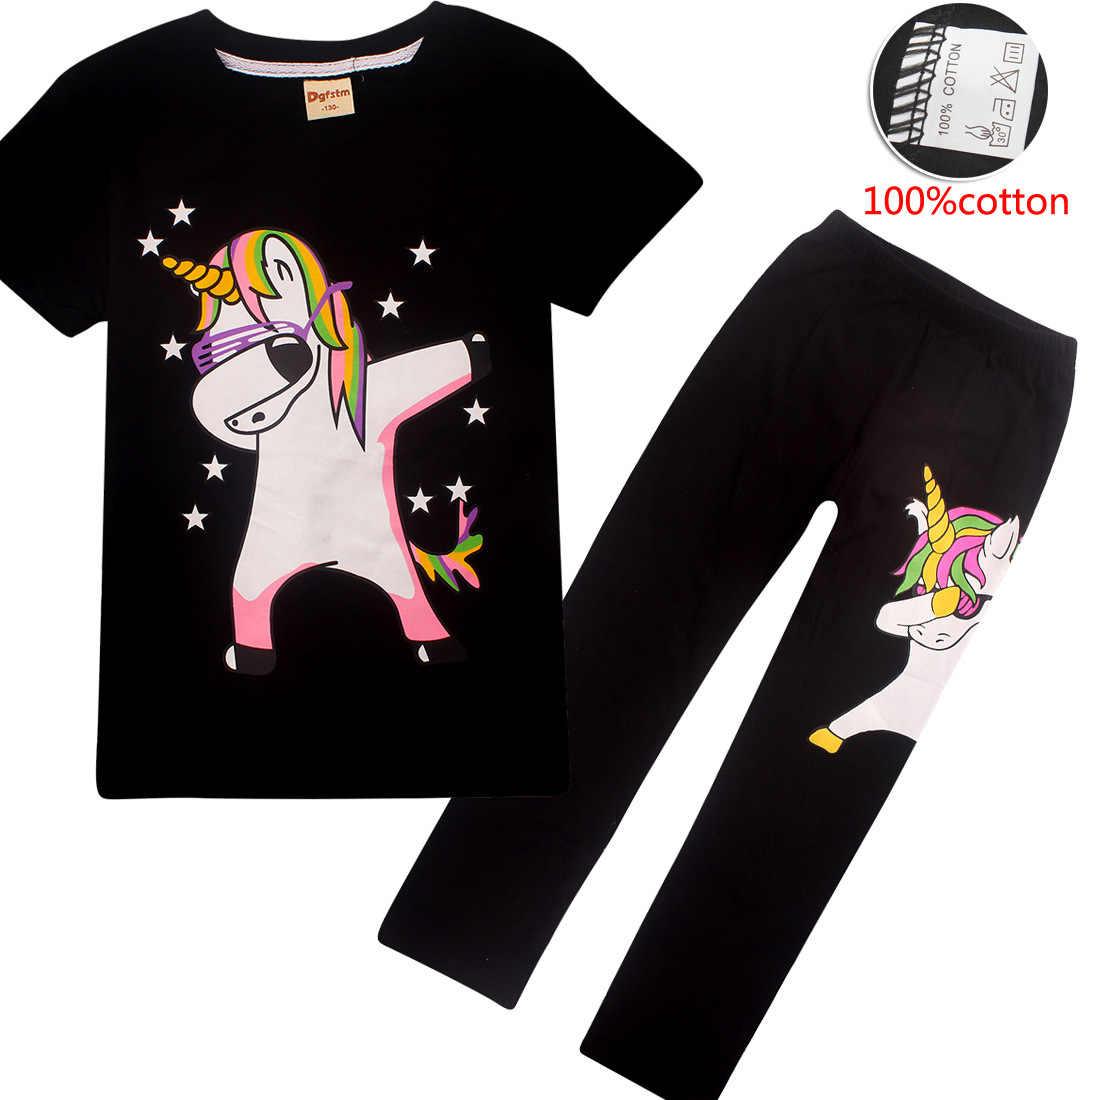 เด็กทารกสายรุ้งชุดการ์ตูน Unicorn พิมพ์เสื้อผ้าฤดูร้อนเด็กวัยหัดเดินชุดกีฬาสำหรับ 4 5 7 9 10 12 ปีเสื้อยืด + กางเกง